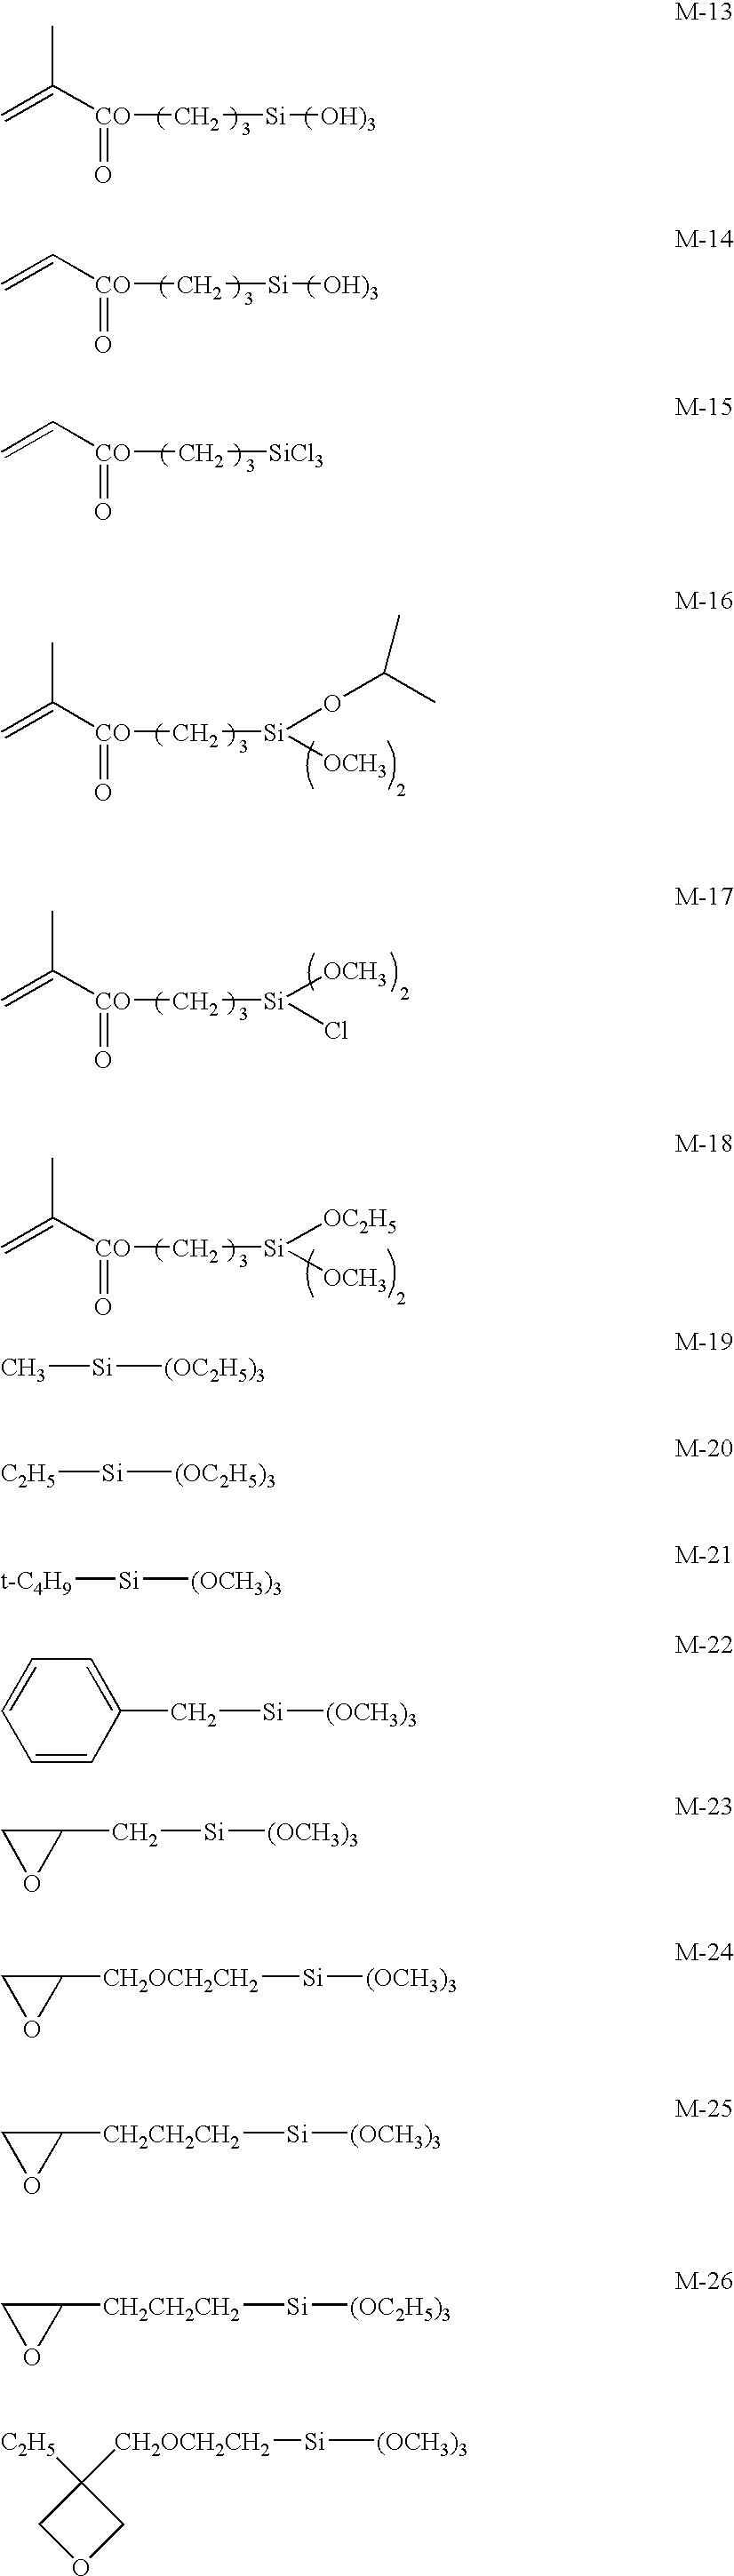 Figure US20080038472A1-20080214-C00062